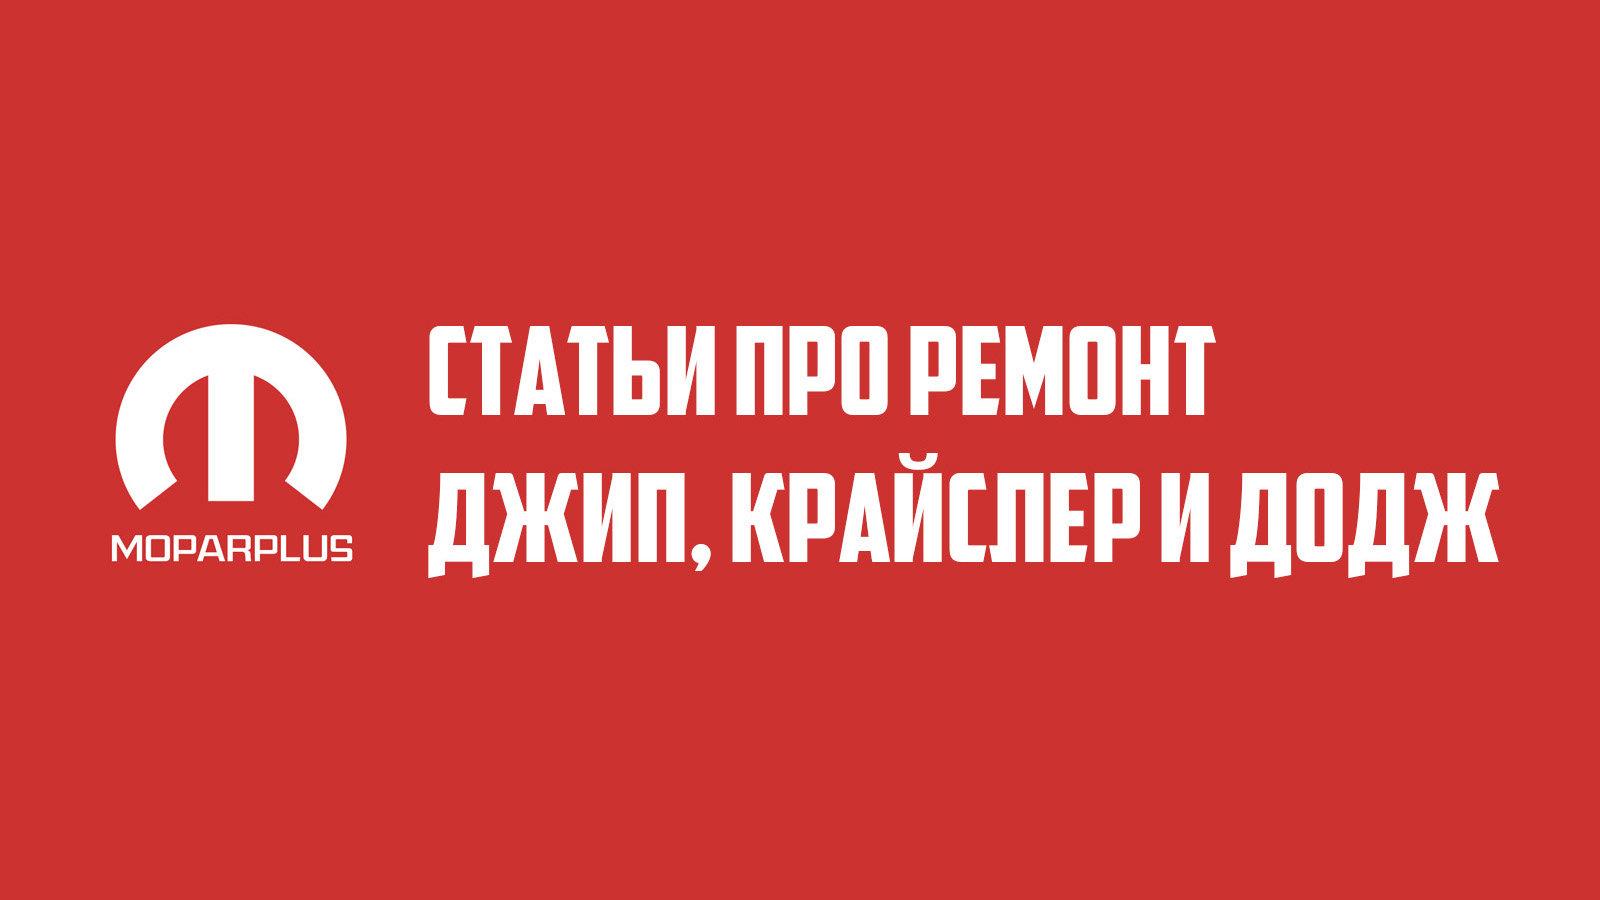 Статьи про ремонт. Выпуск №54.